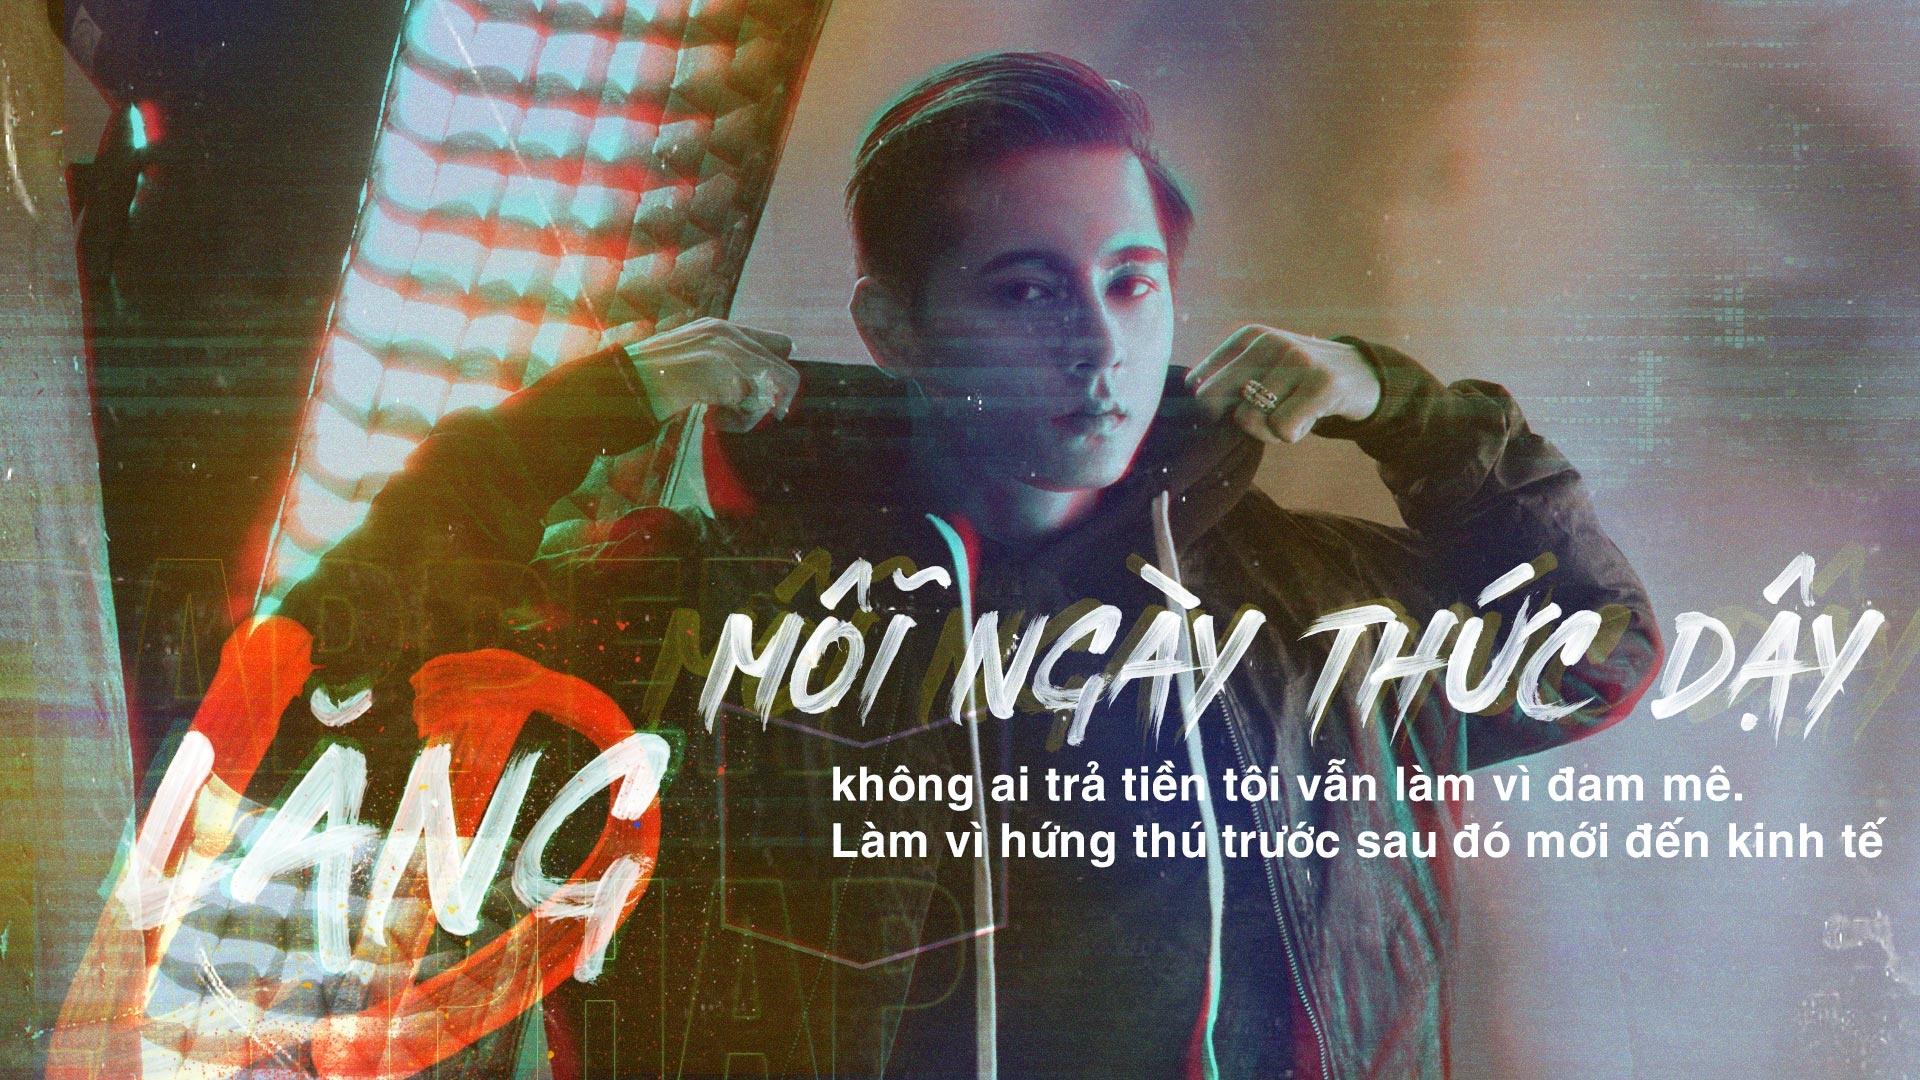 Hanh trinh di tim chinh minh cua chang rapper lai Phap hinh anh 5